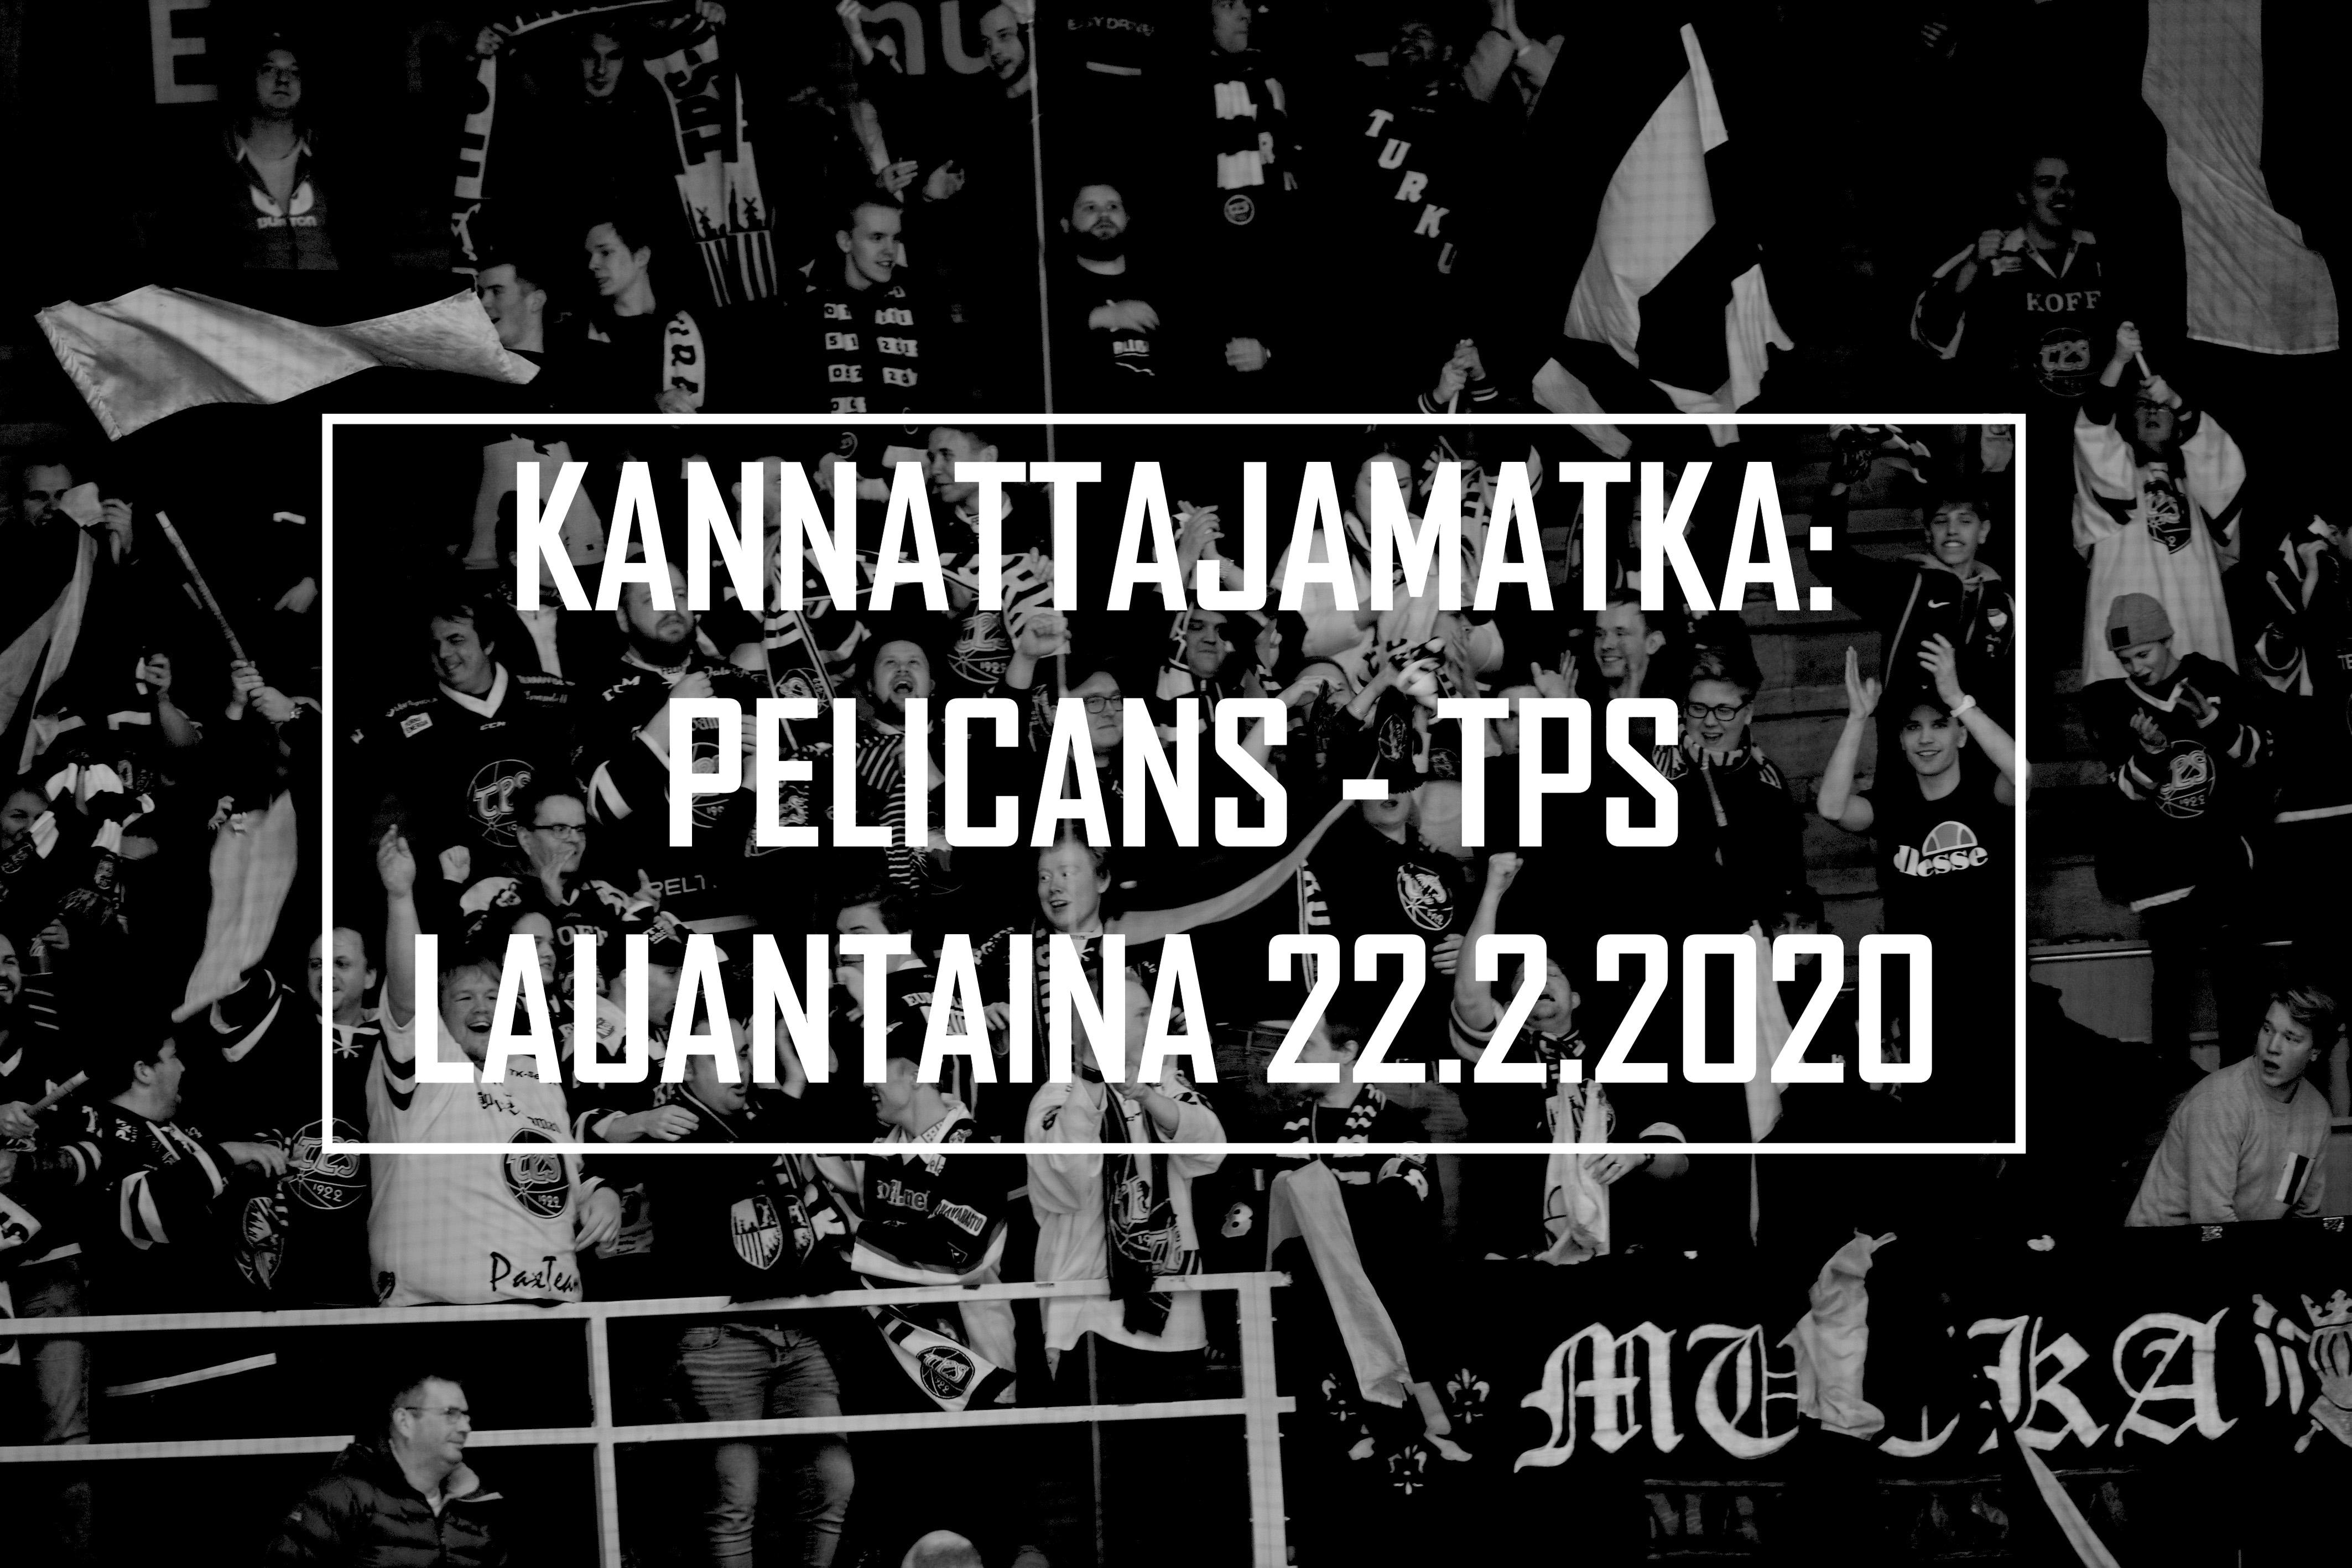 Kannattajamatka: Pelicans – TPS 22.2.2020